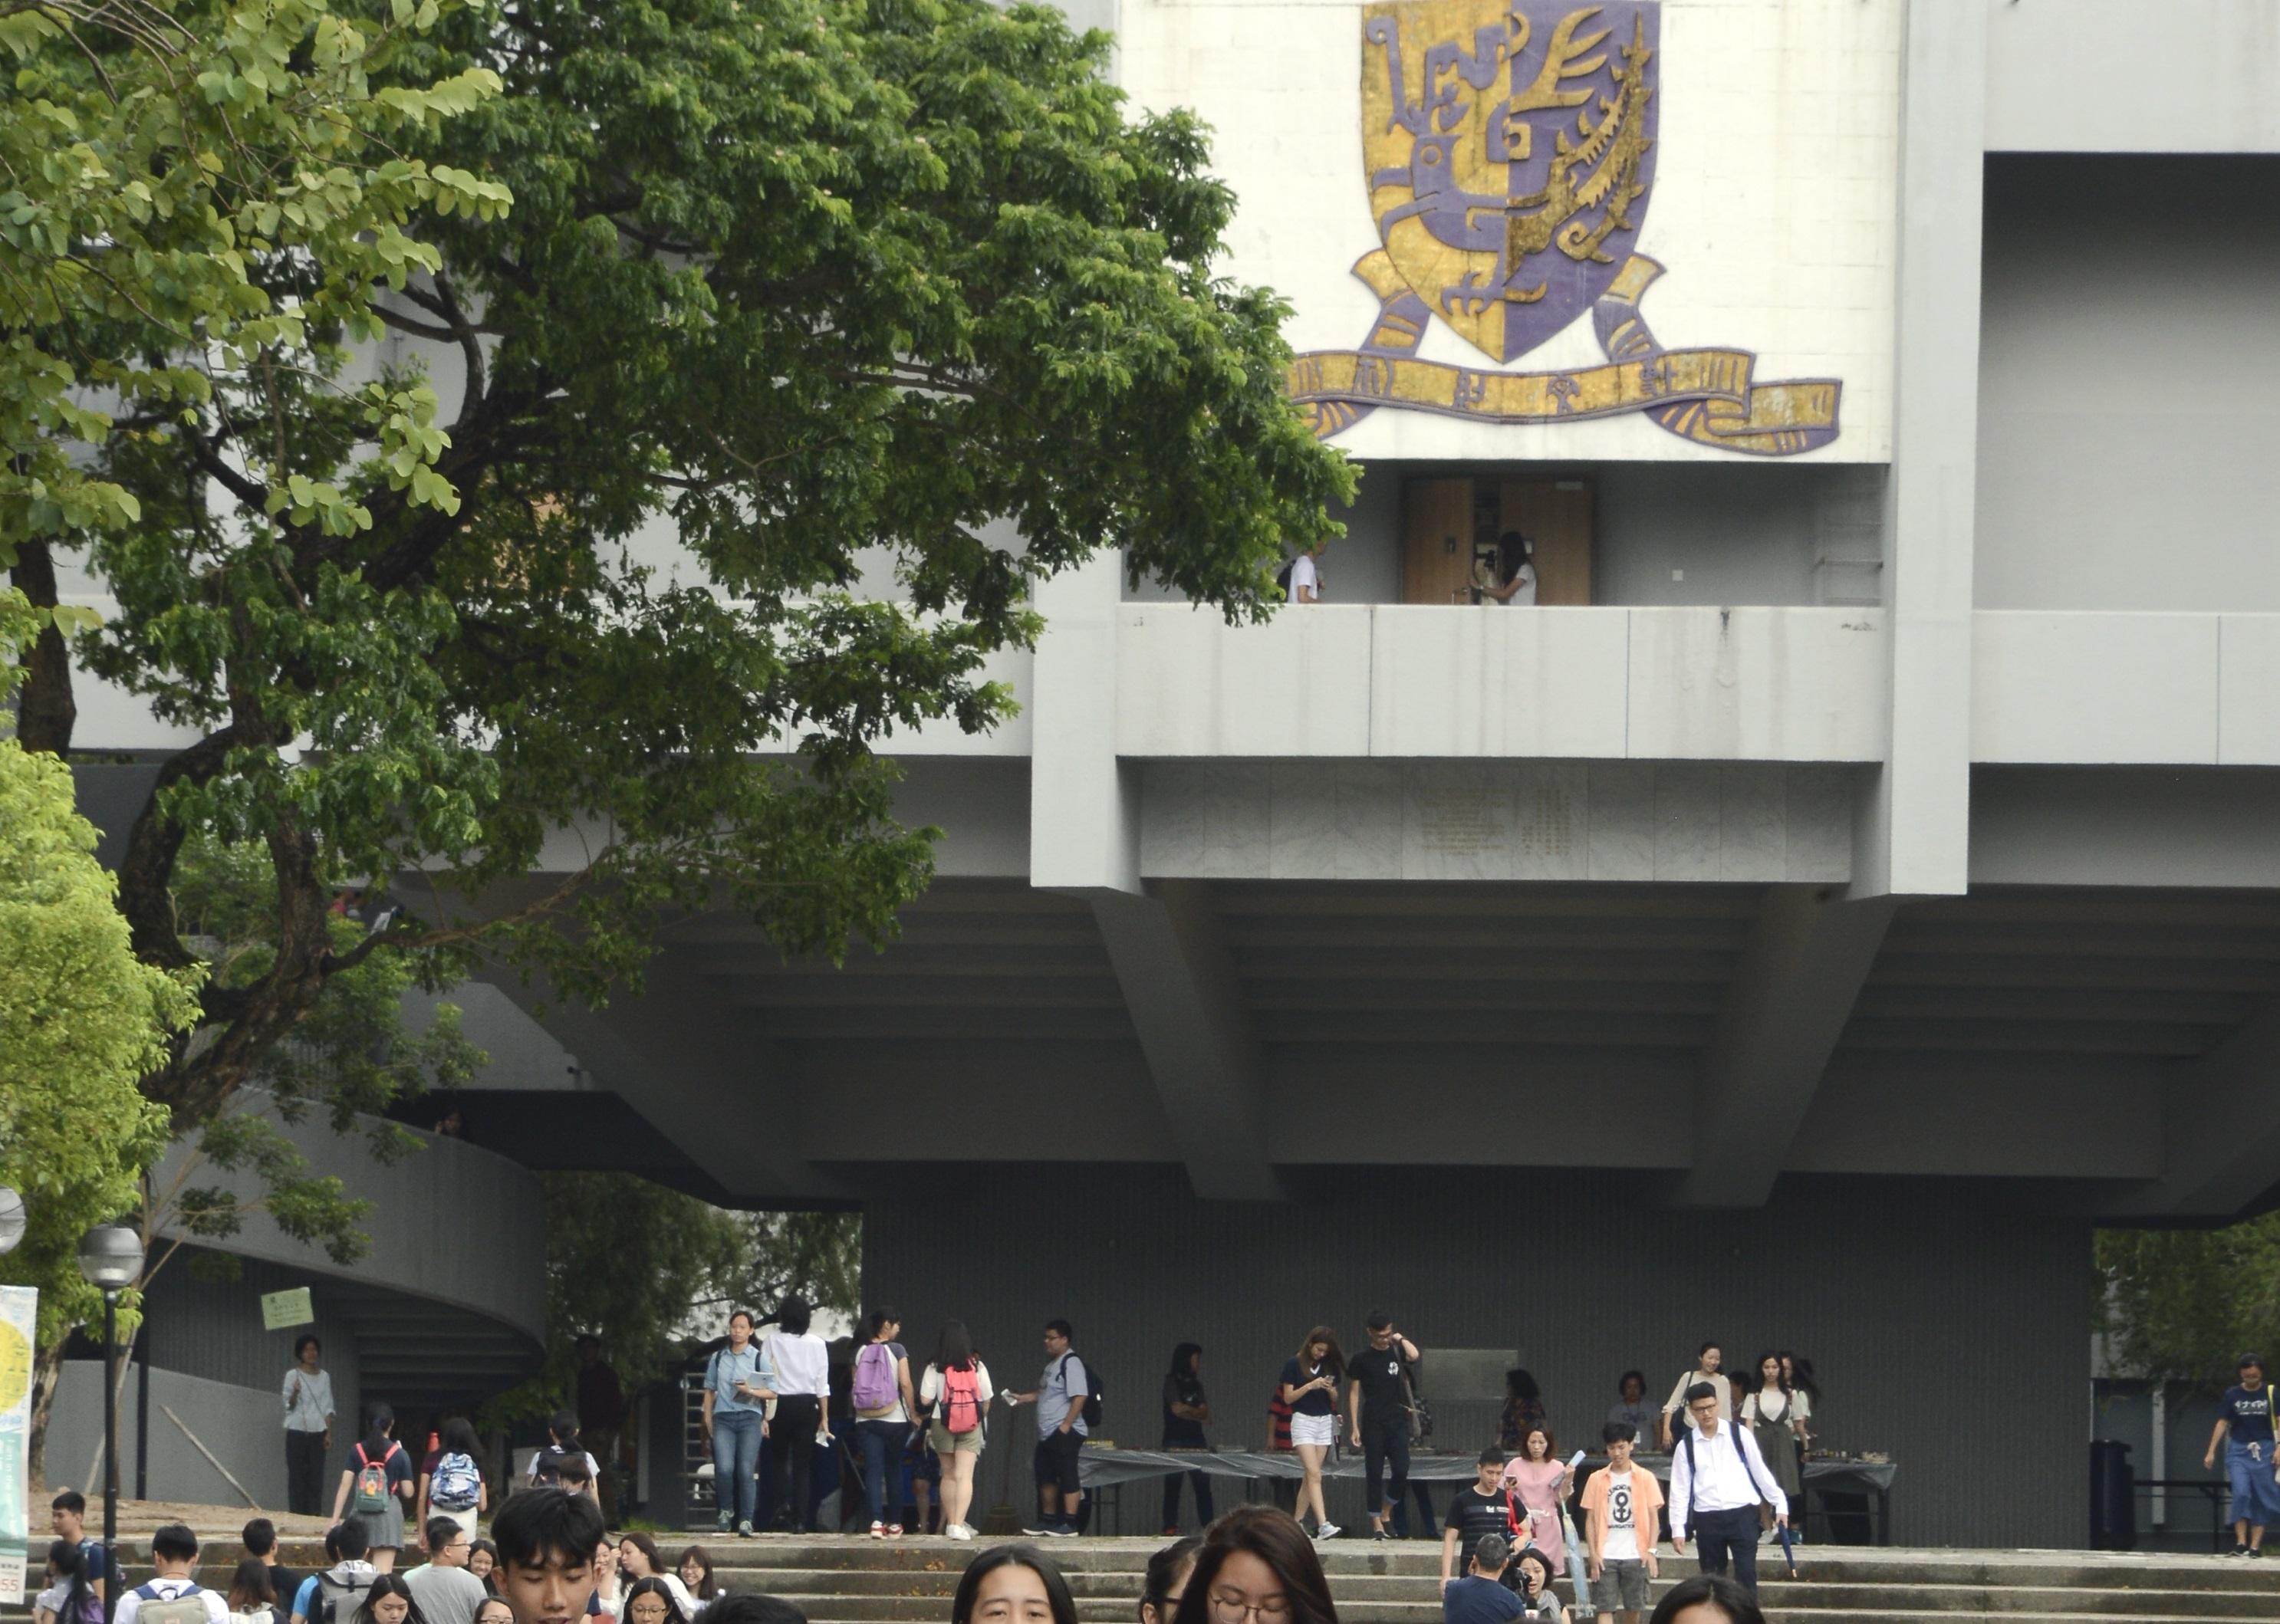 中文大學迎新營(O Camp)早前爆出懷疑性侵事件。資料圖片